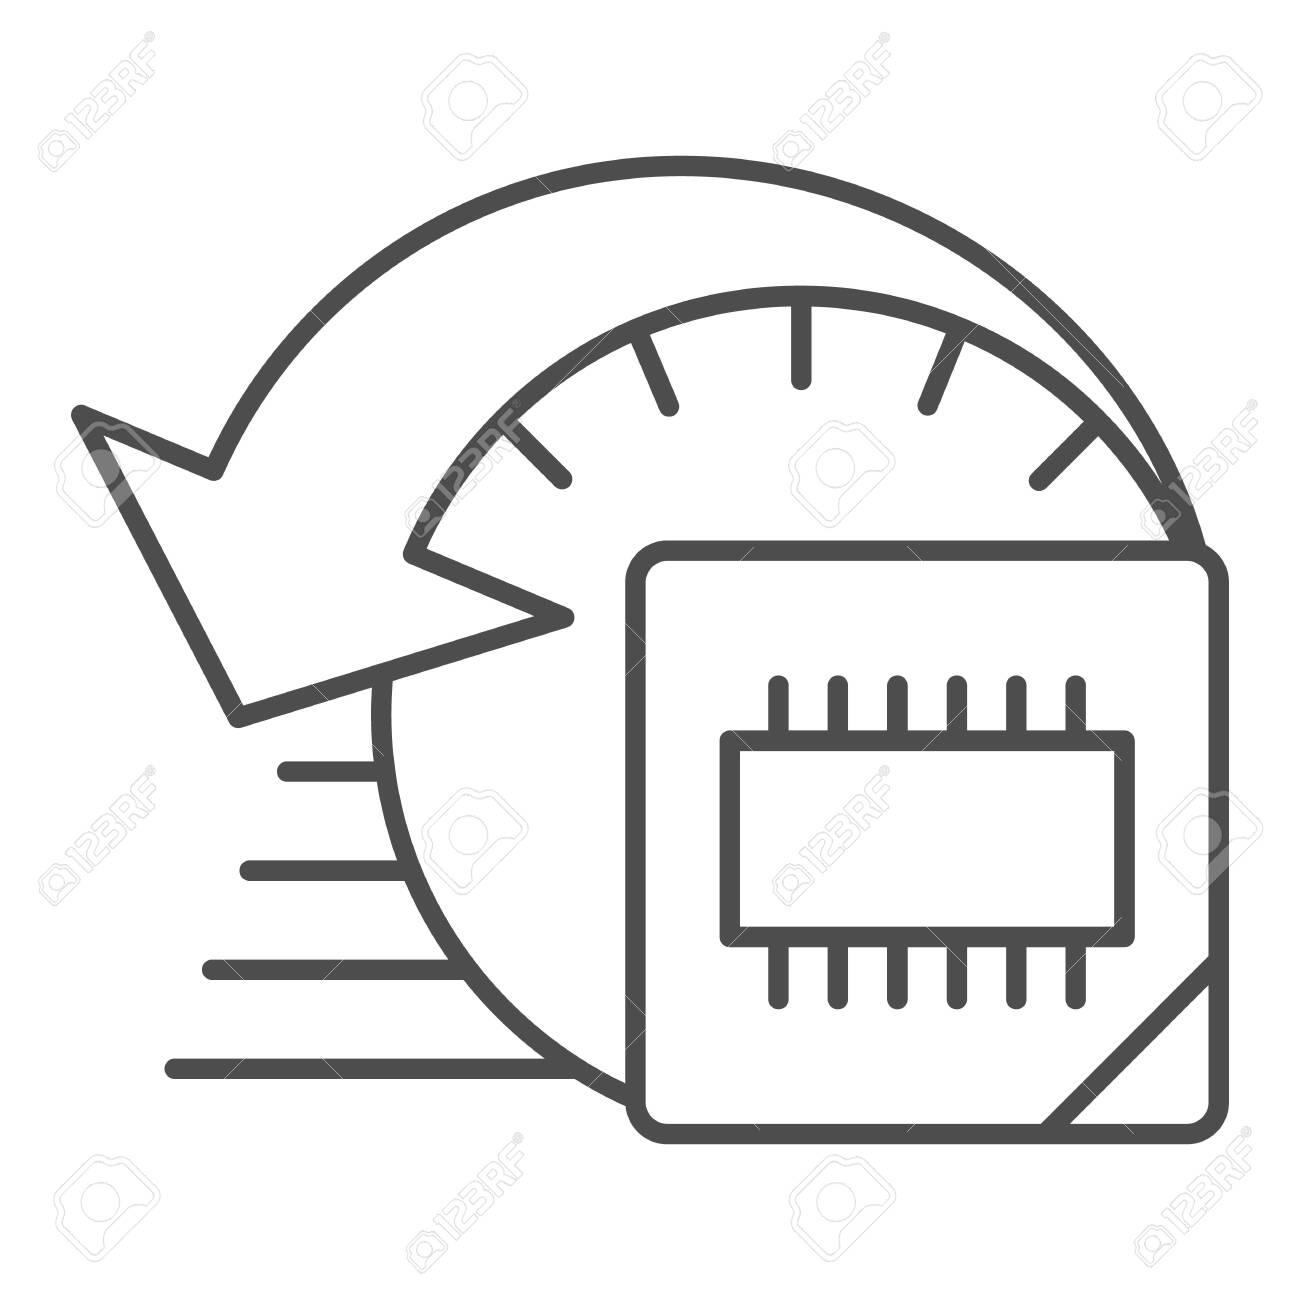 High Performance Computer Clip Art